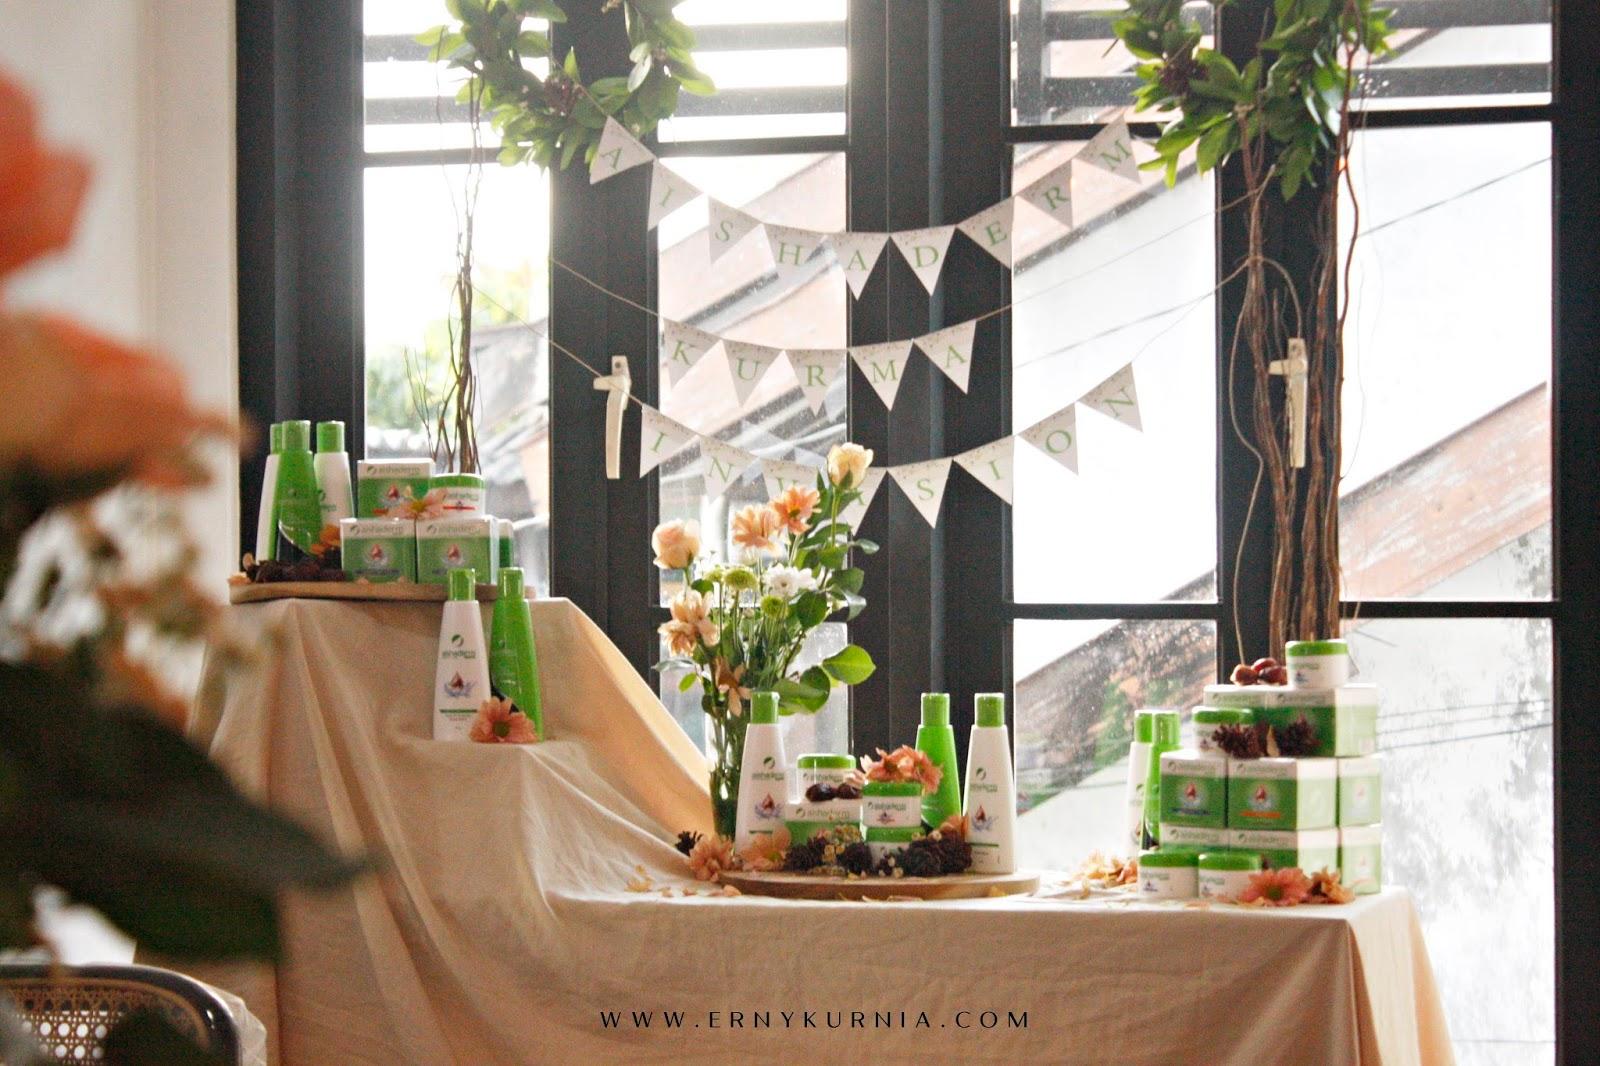 Aishaderm Cosmetics, Kosmetik Lokal, Aishaderm Aman, Aishaderm Sahabat Muslimah